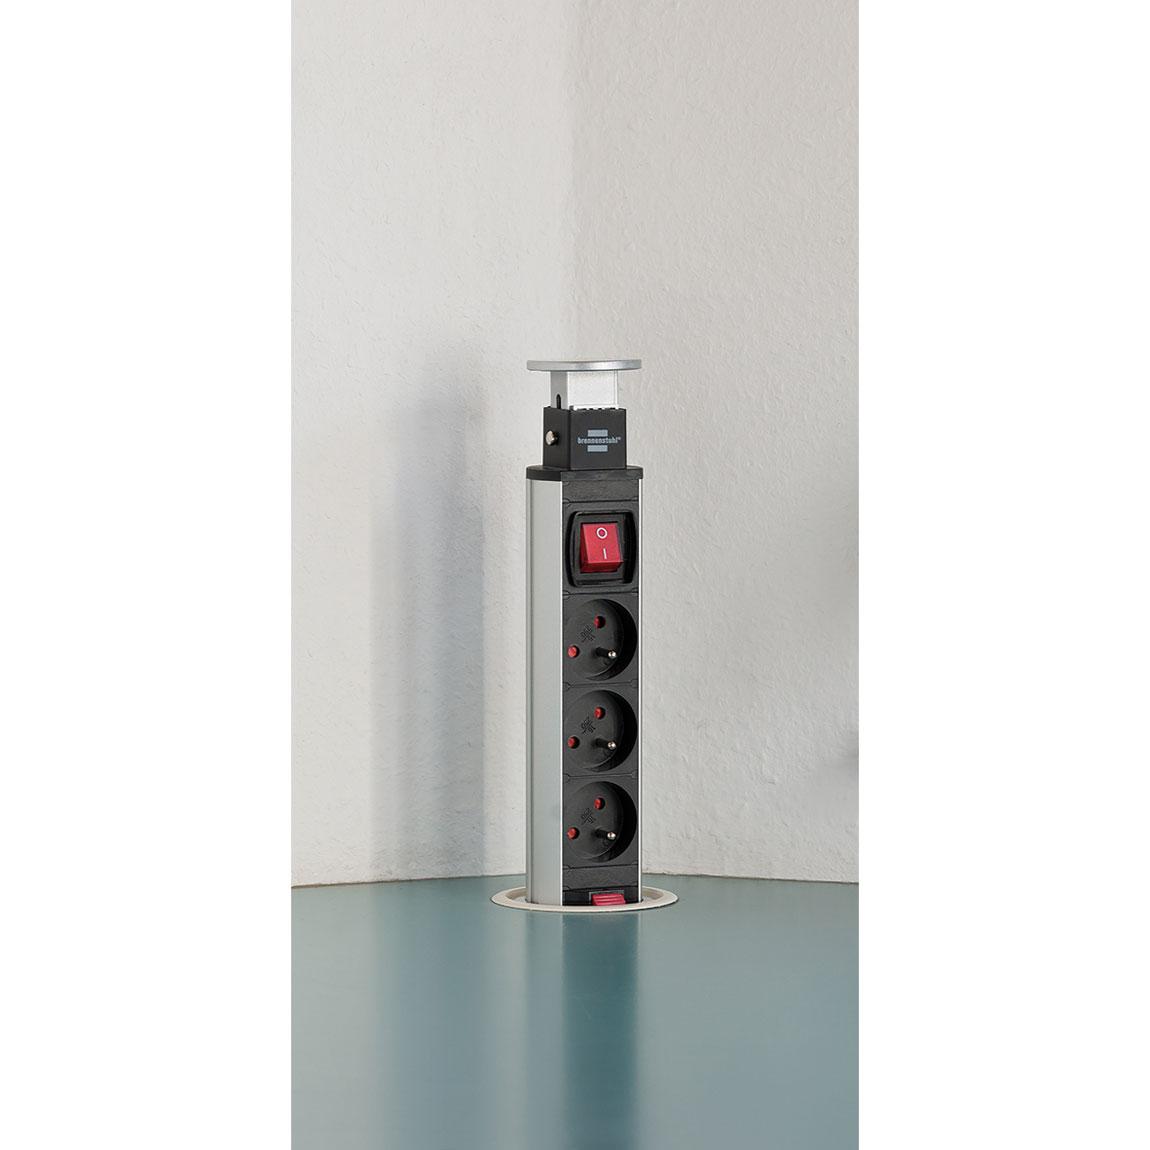 brennenstuhl tower power 3 prises multiprise brennenstuhl sur ldlc. Black Bedroom Furniture Sets. Home Design Ideas